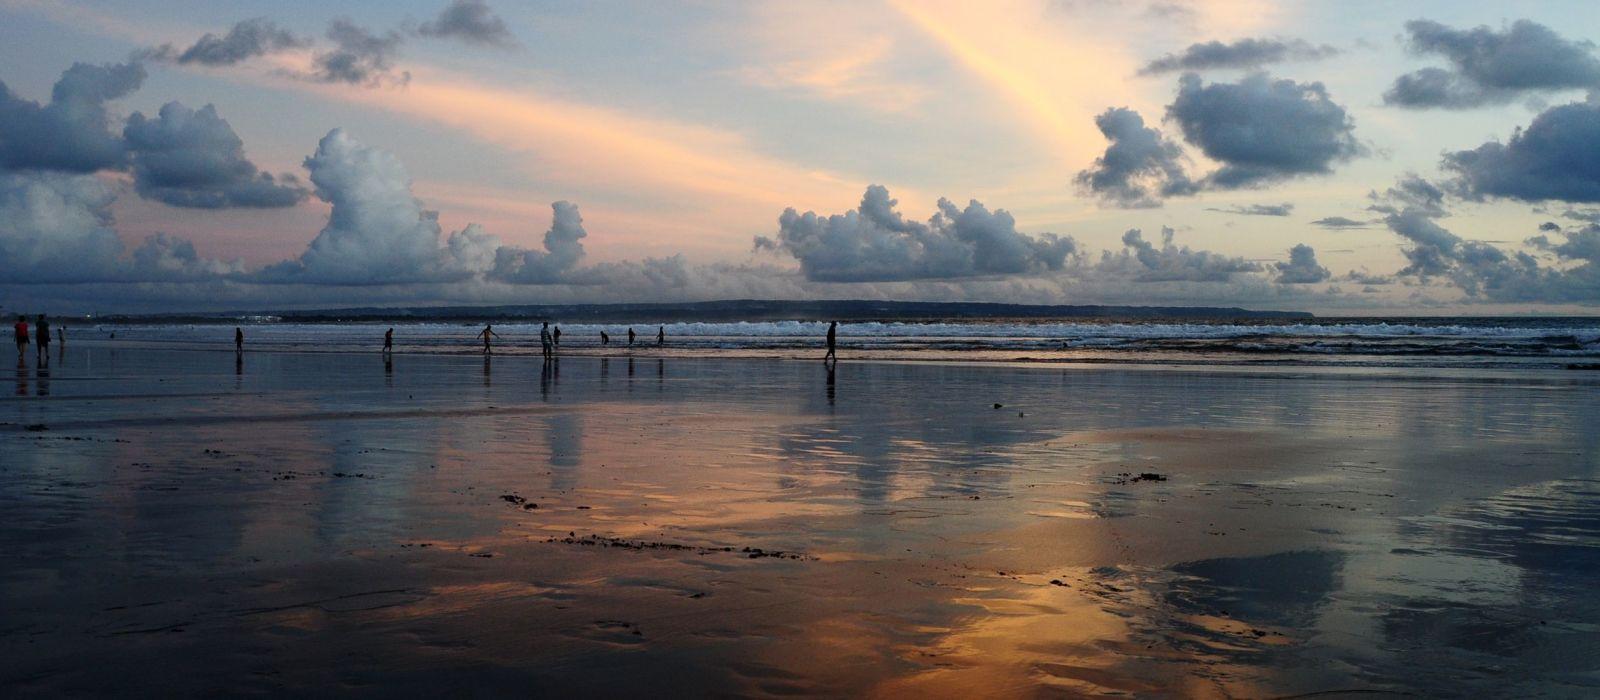 Bali Rundreise – Kultur, Natur und Traumstrände Urlaub 5